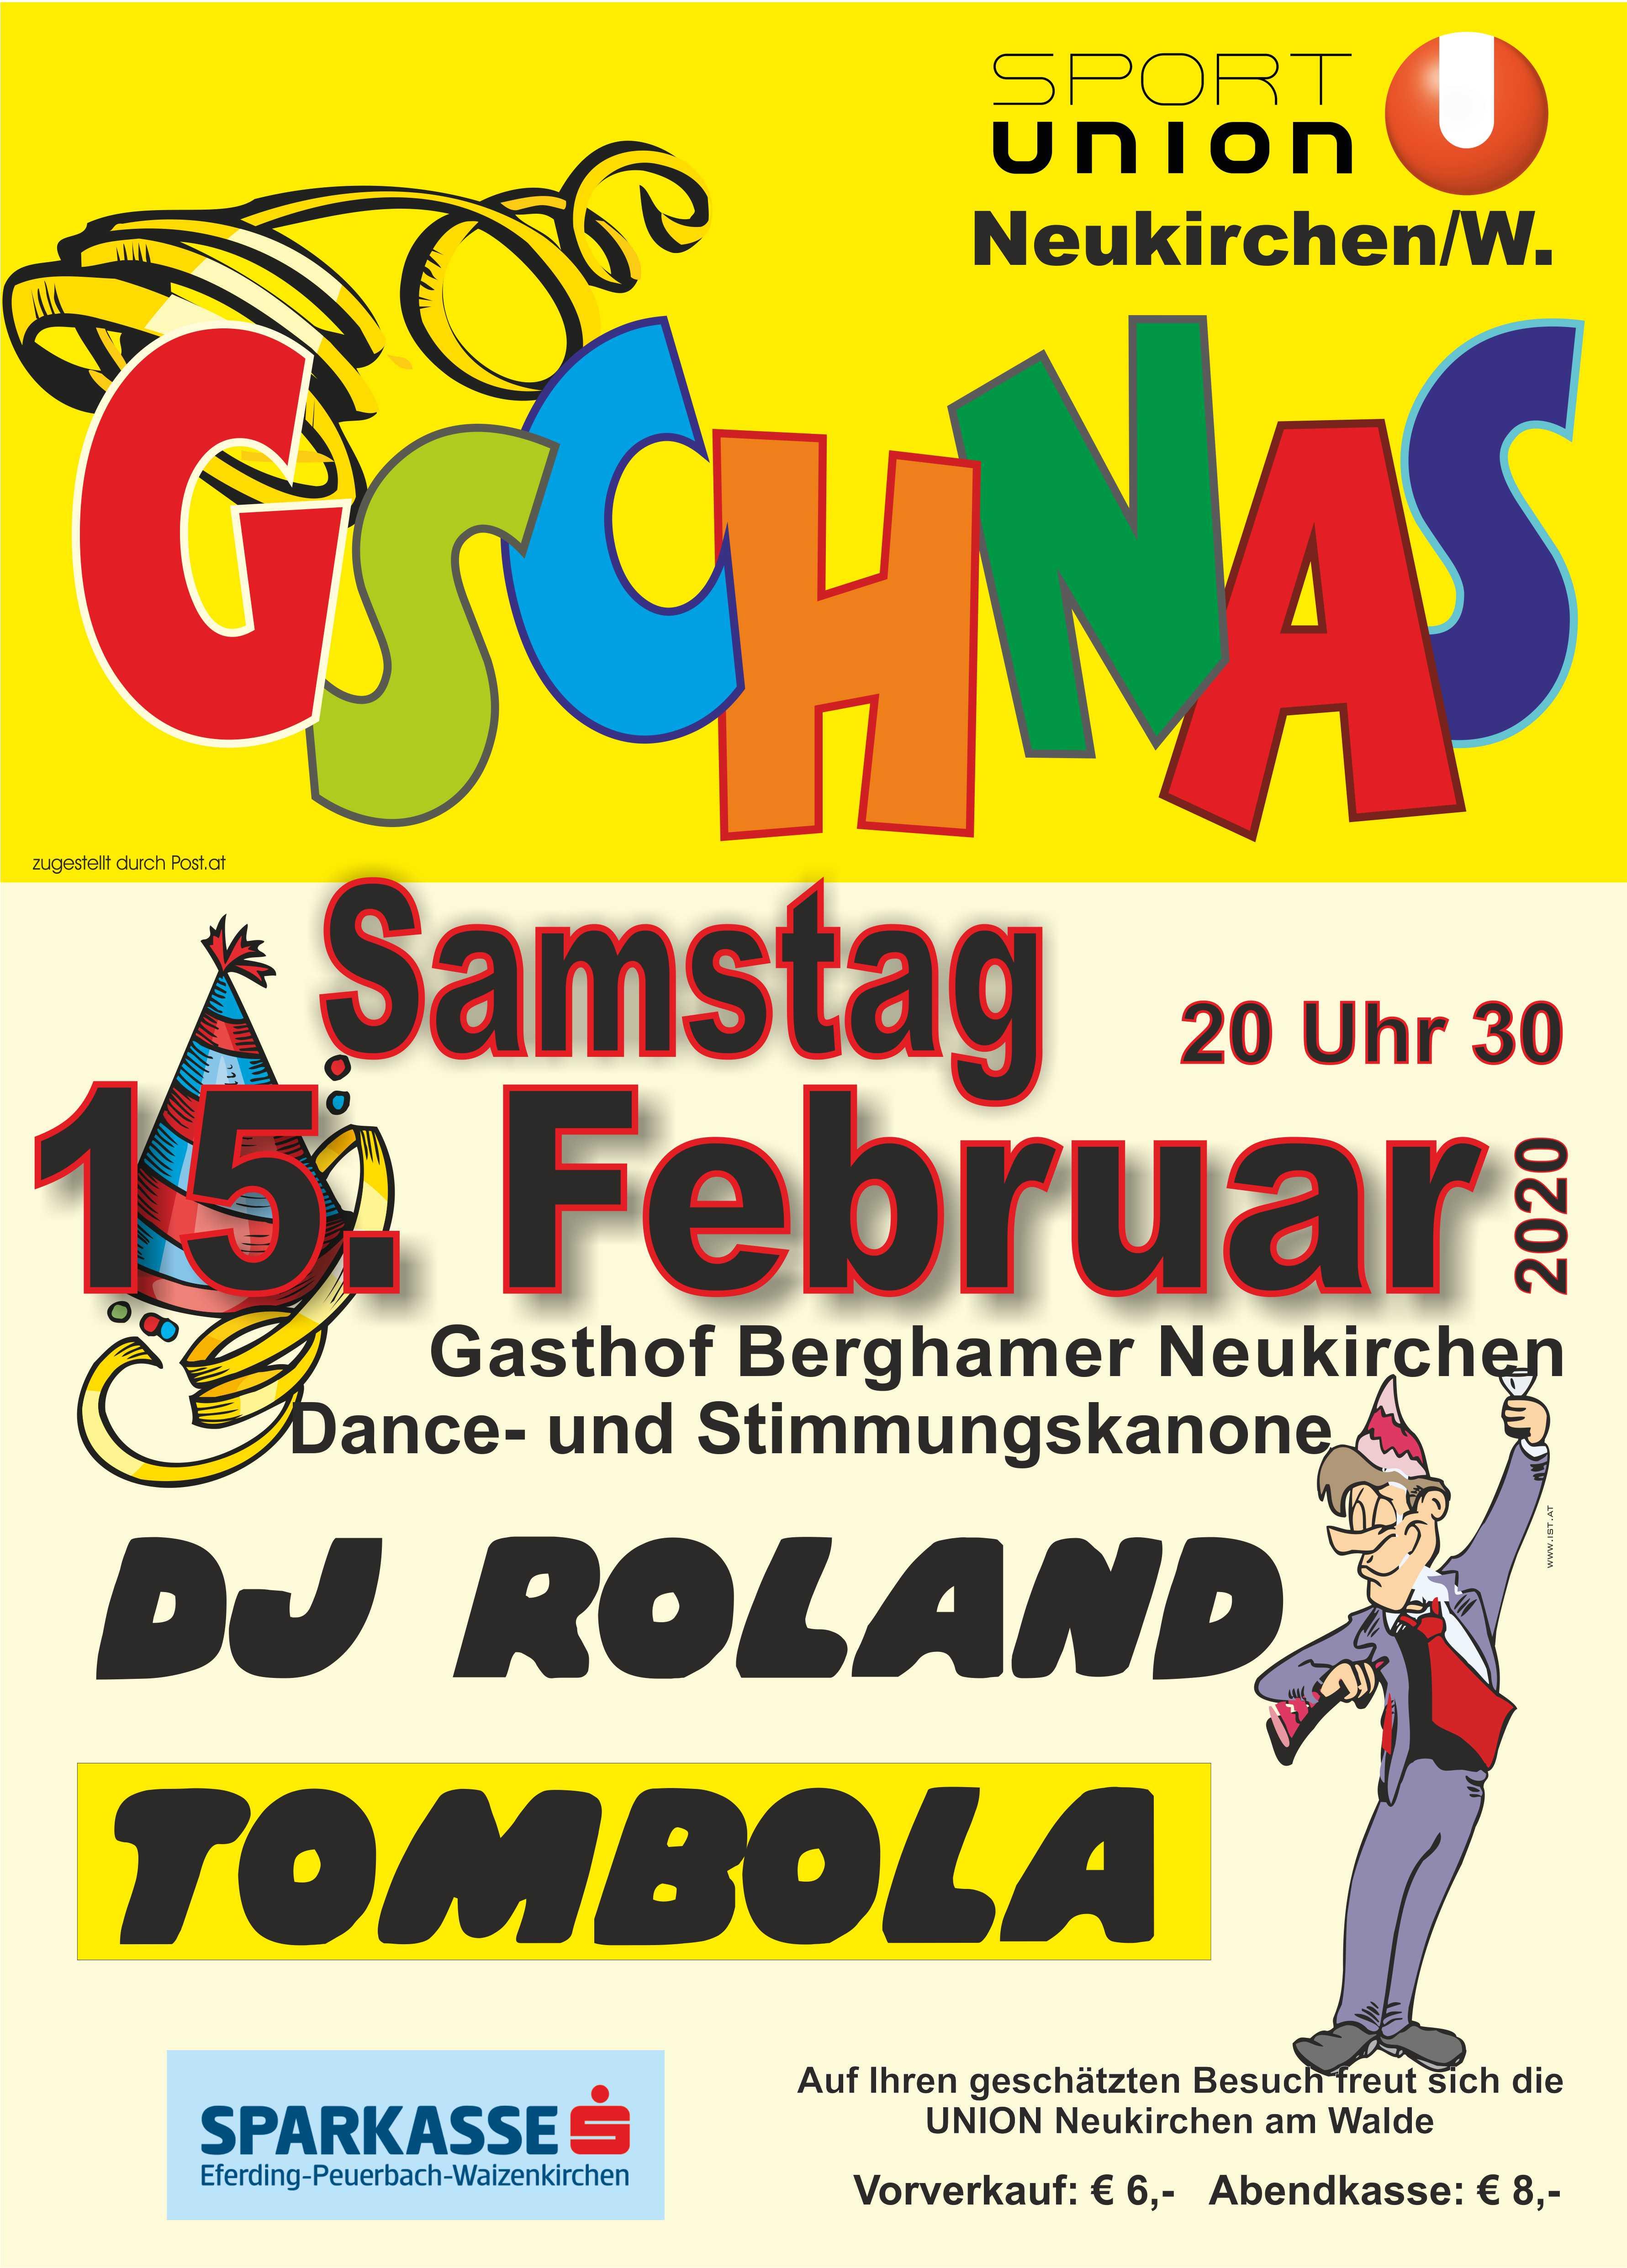 Sportler Gschnas 15.2.2020 Gasthaus Berghamer